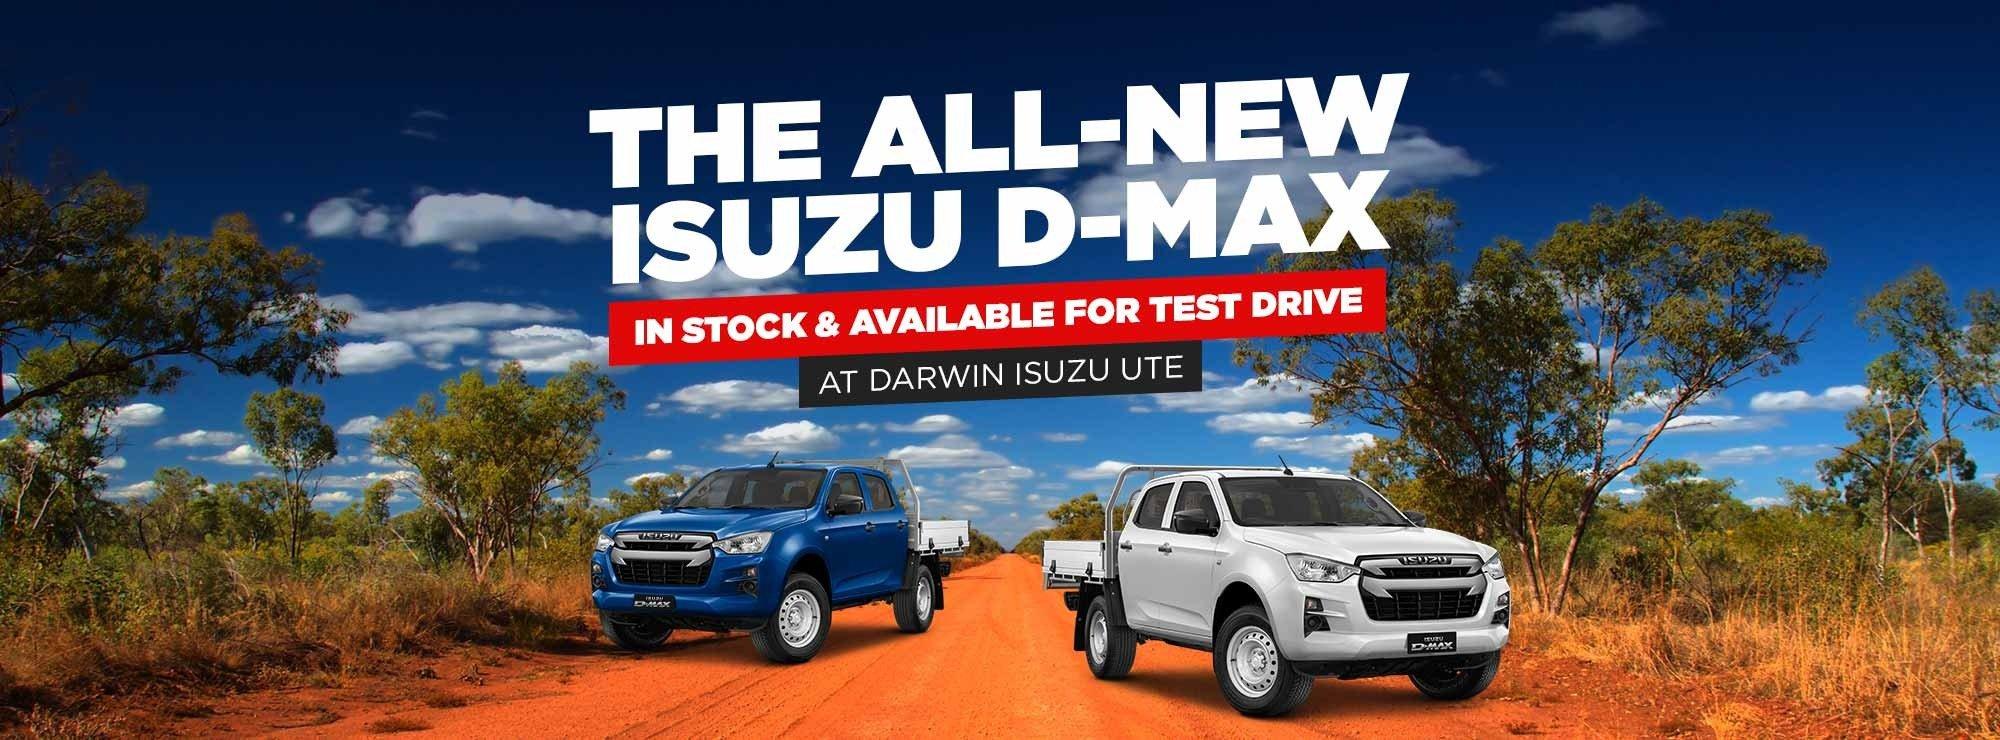 The All-New Isuzu D-Max